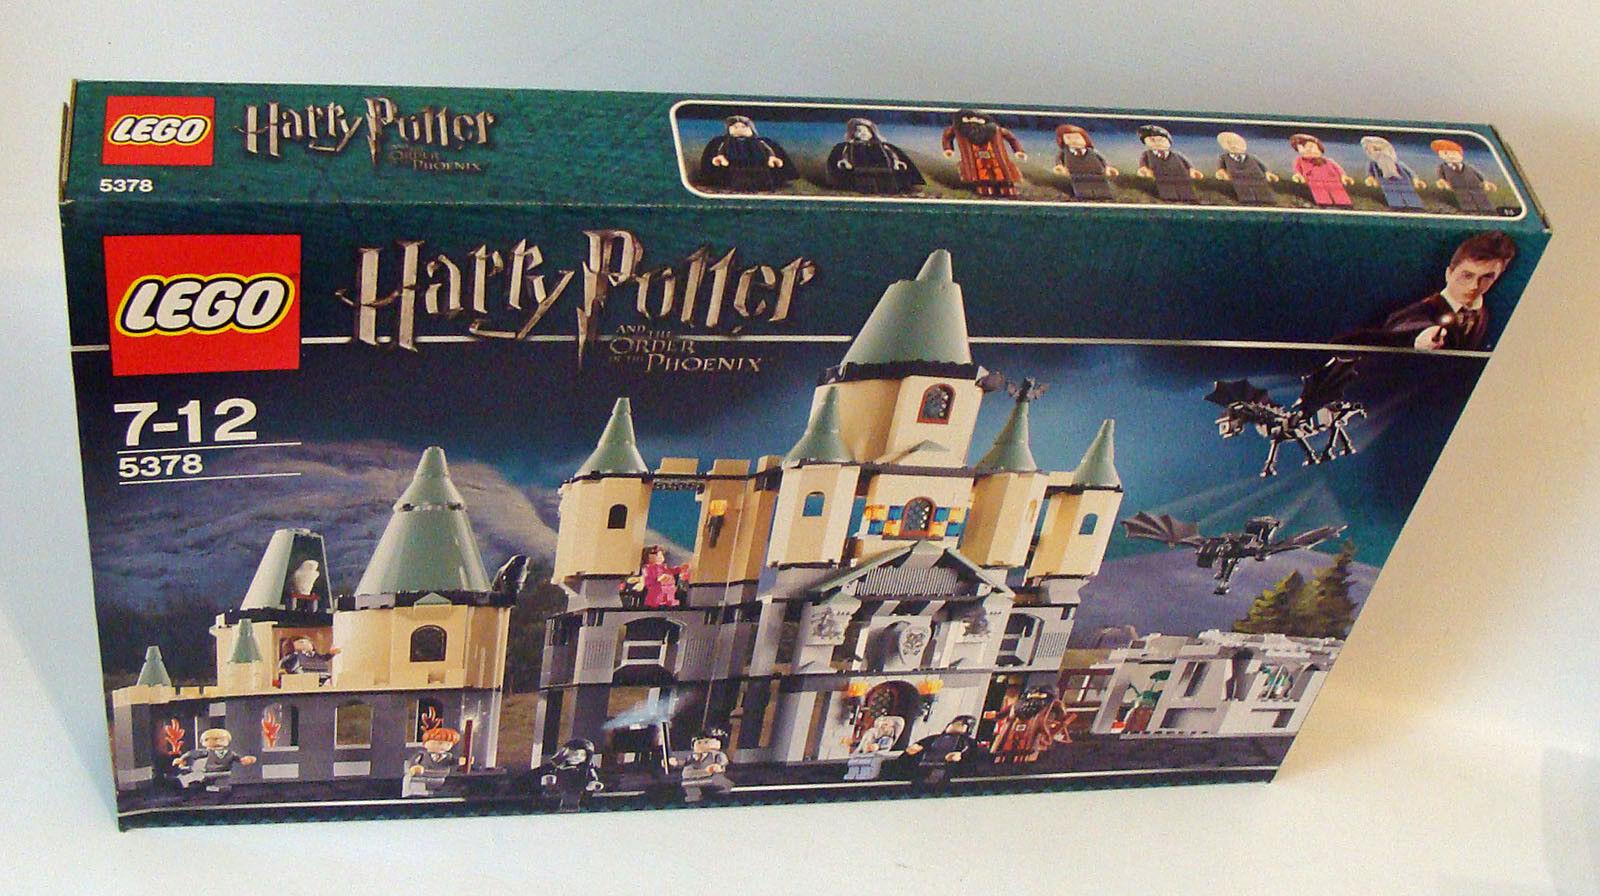 LEGO ® Harry Potter 5378-CASTELLO HOGWARTS 943 parti 7-12 ANNI-NUOVO